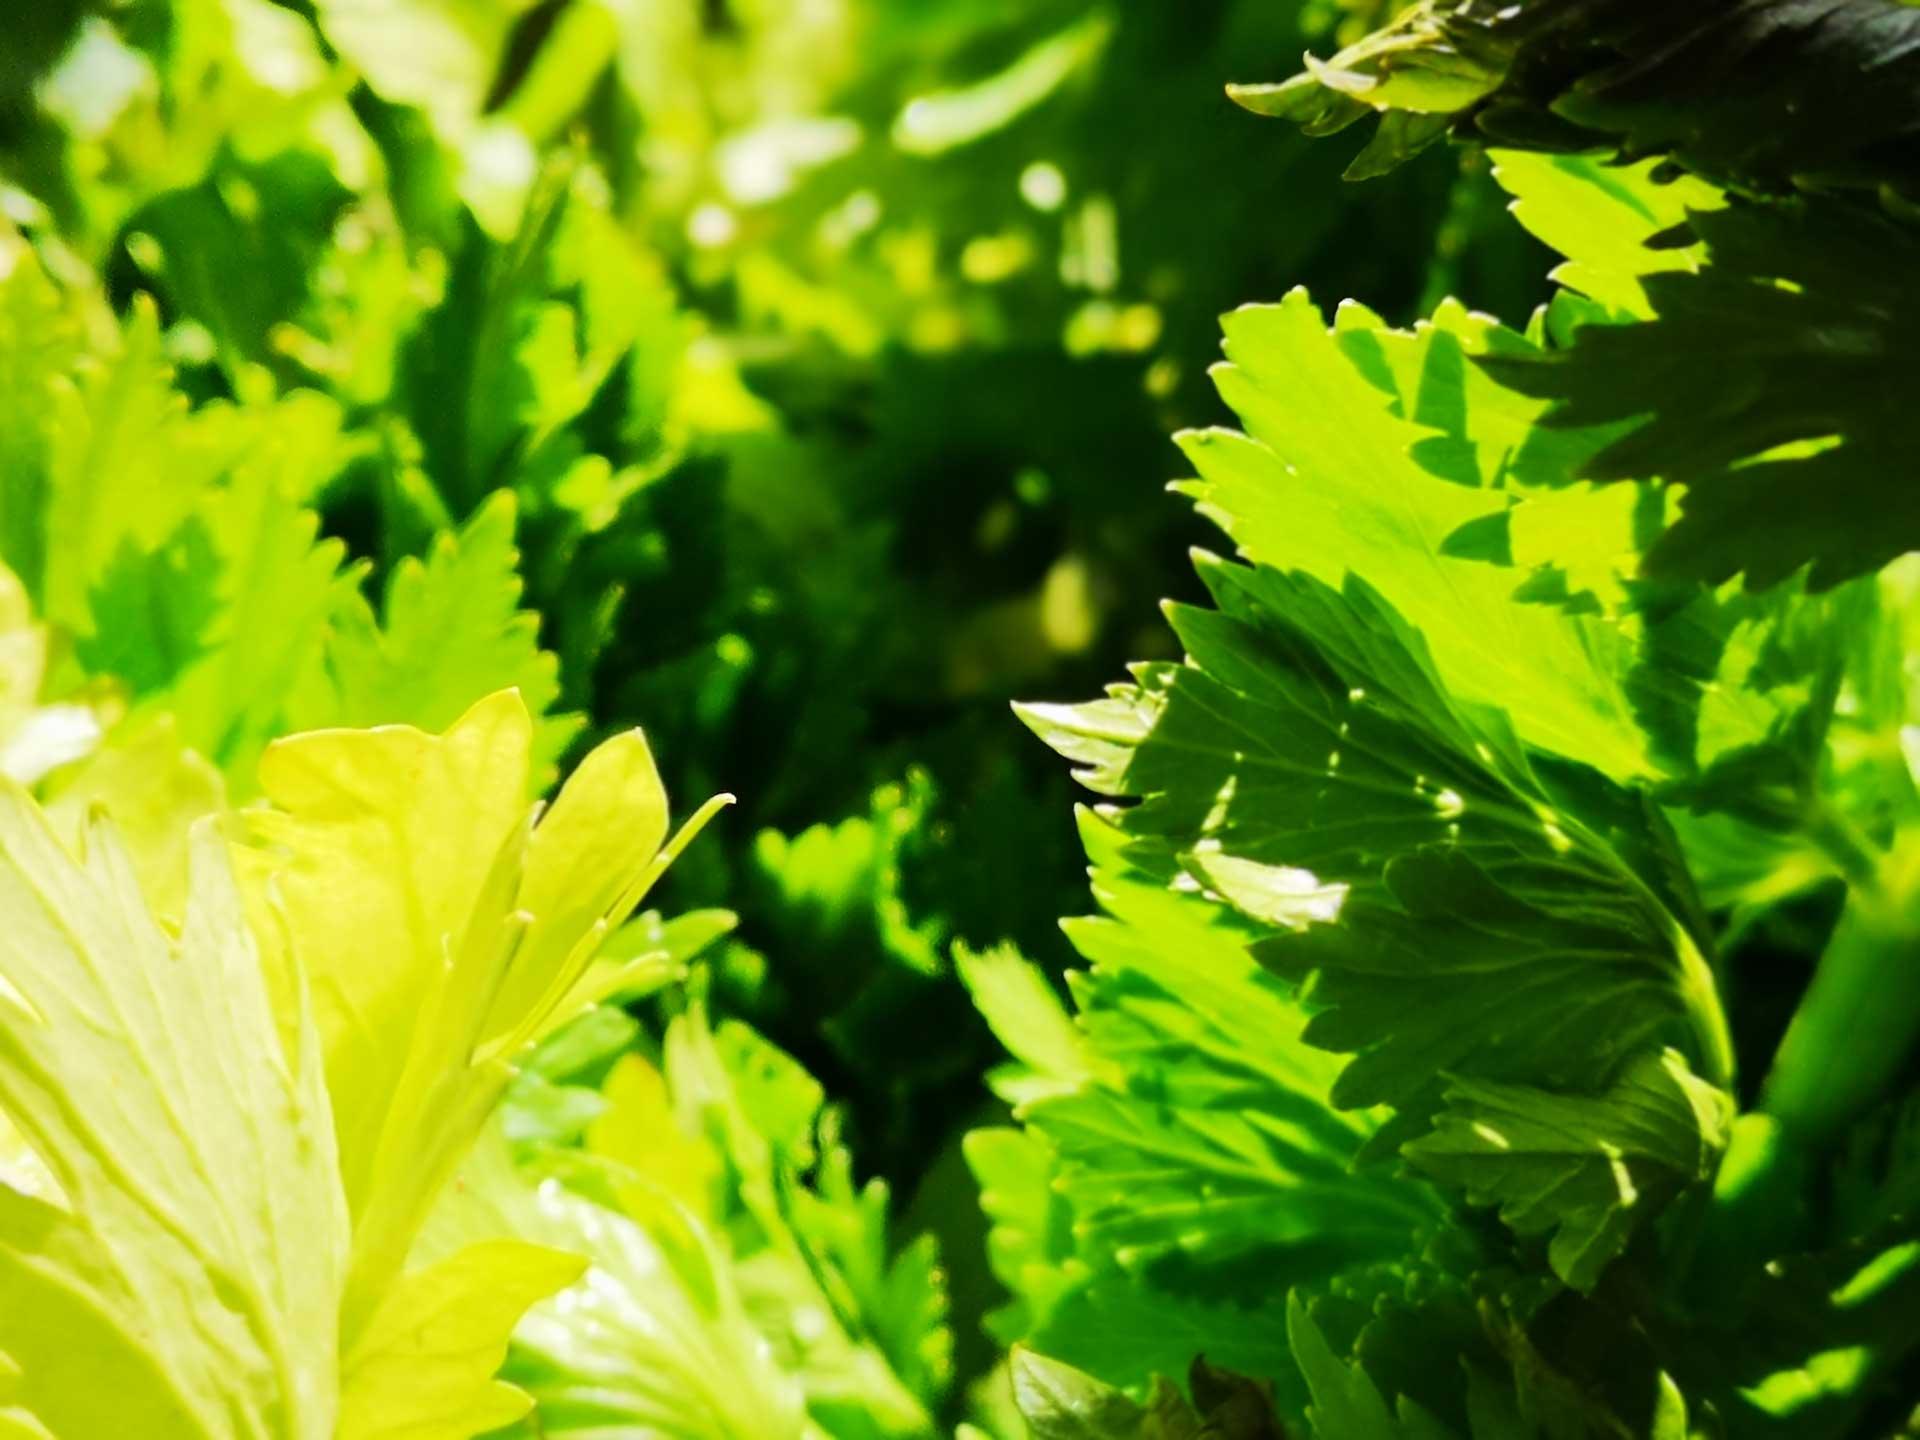 חמניה | רפואה טבעית לילדים:צמחי מרפא, צמחים מרפאים, רפואת צמחים, צמח מרפא